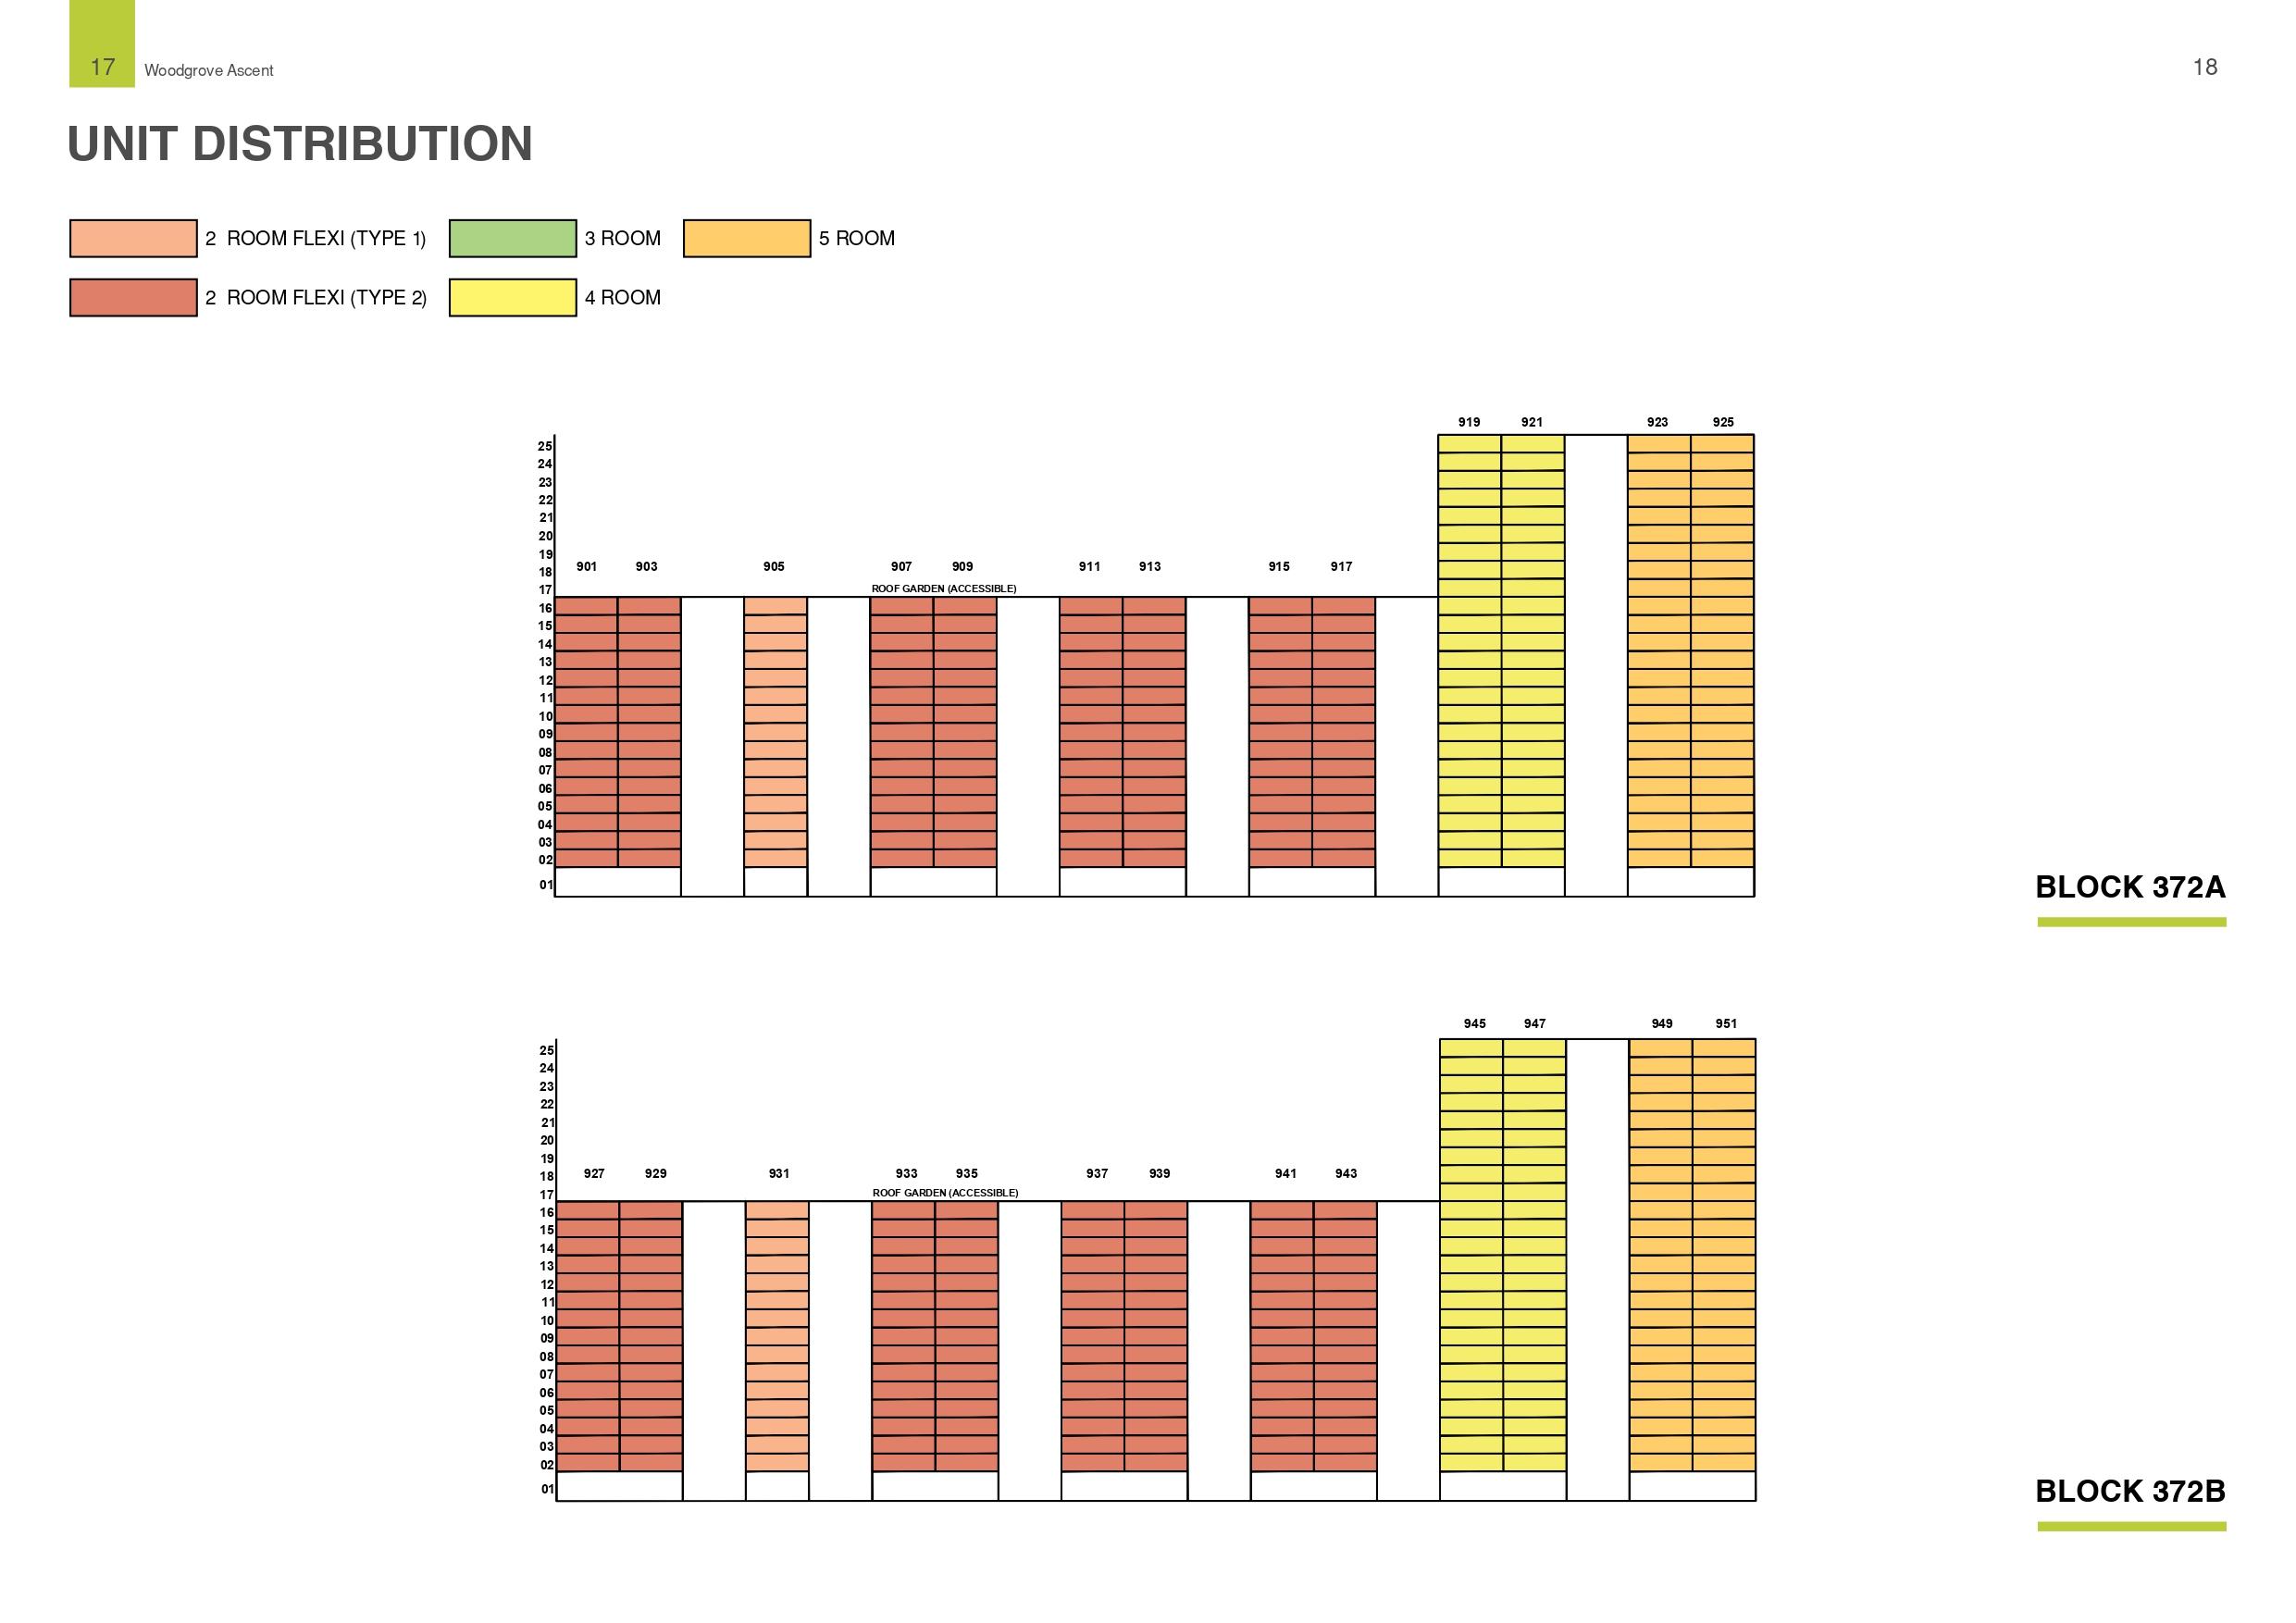 Woodgrove Ascent Unit Distribution